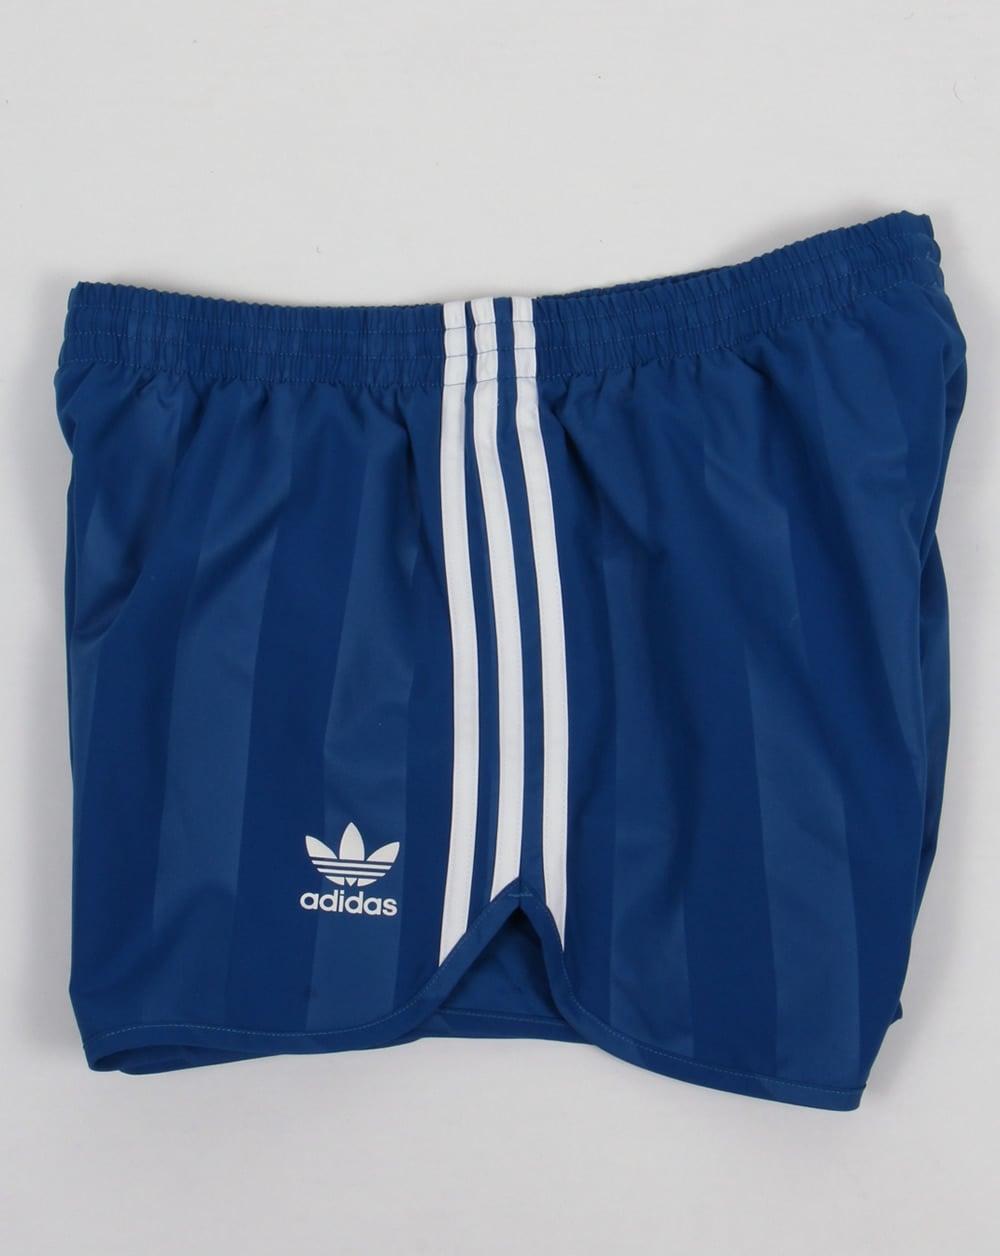 Adidas Originals Football Shorts Royal Blue eqt